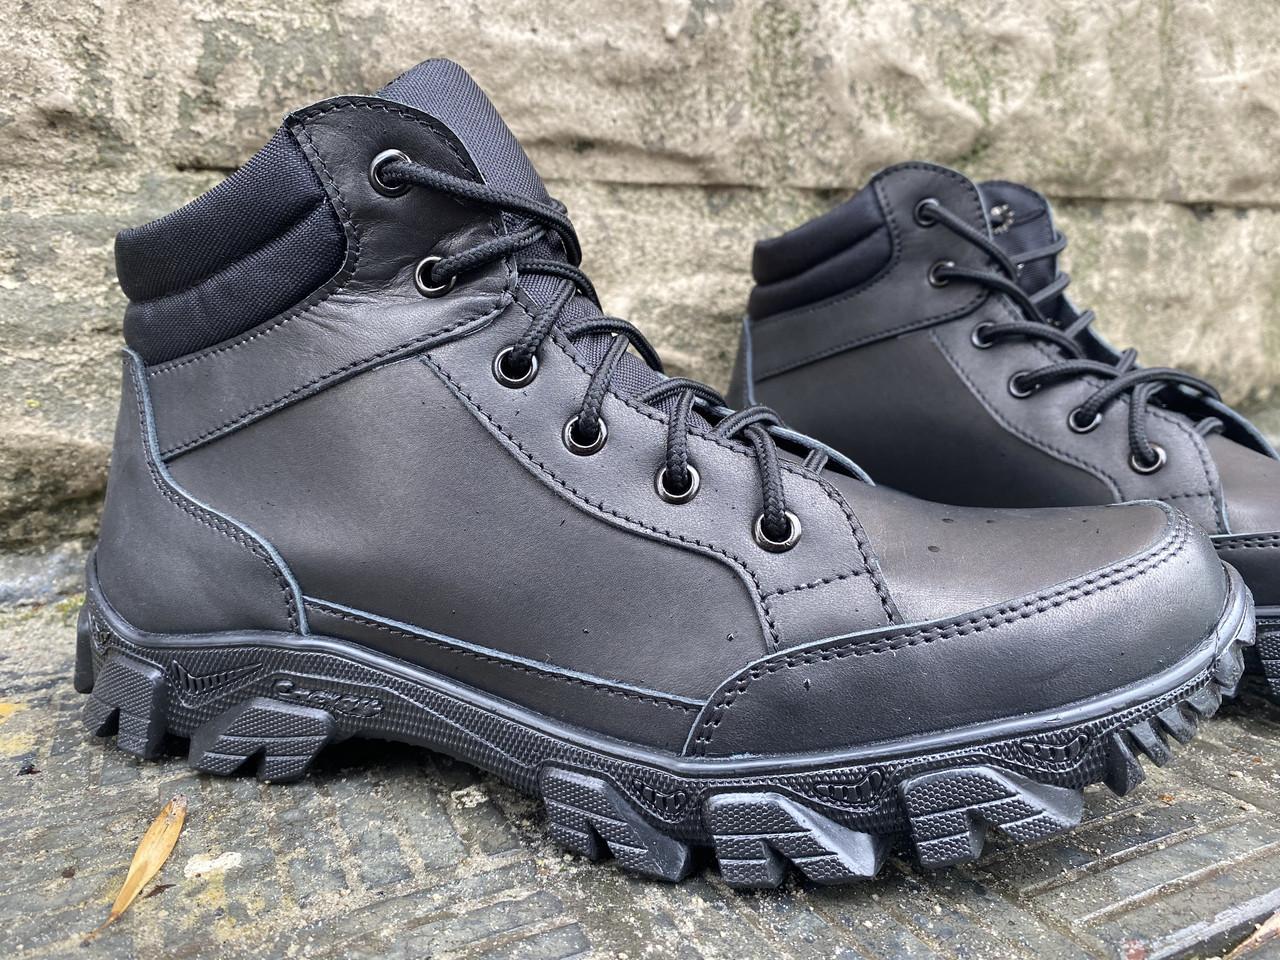 Ботинки тактические, берцы из натуральной кожи черного цвета Бот дк черный